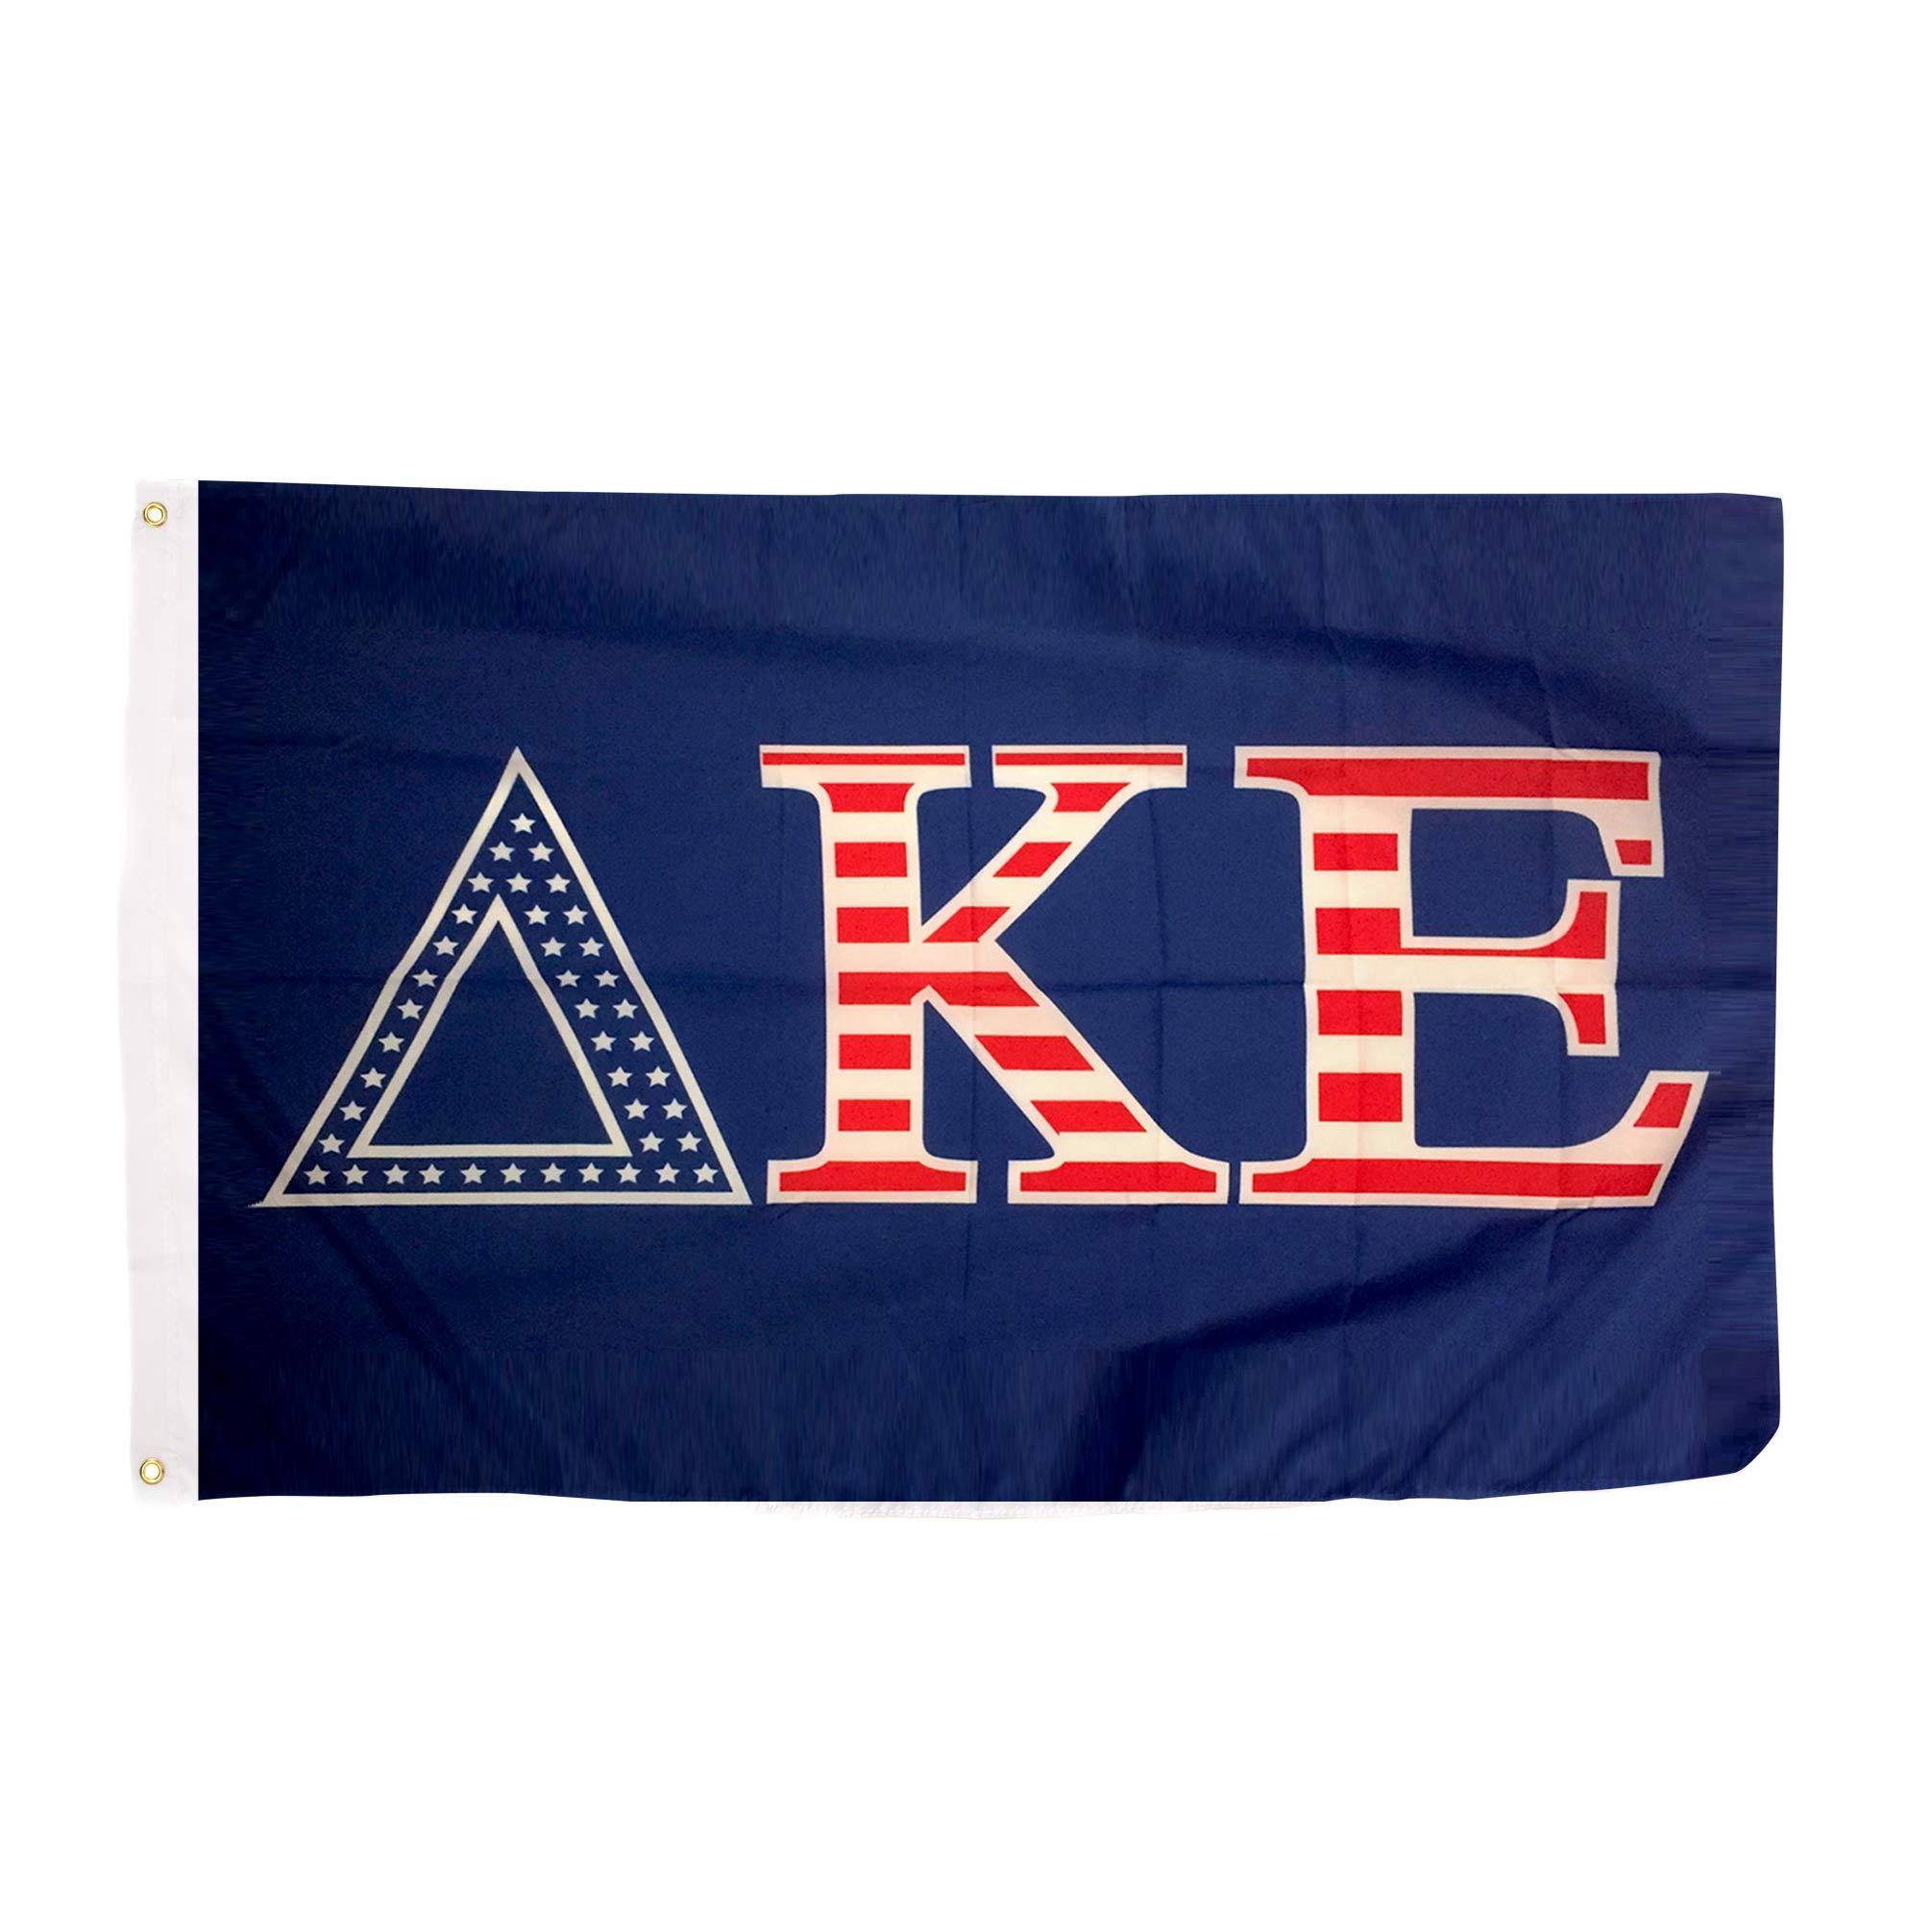 Delta Kappa Epsilon USA Letter Fraternity Flag Greek Letter Use as a Banner 3 x 5 Feet Sign Decor DKE by Desert Cactus